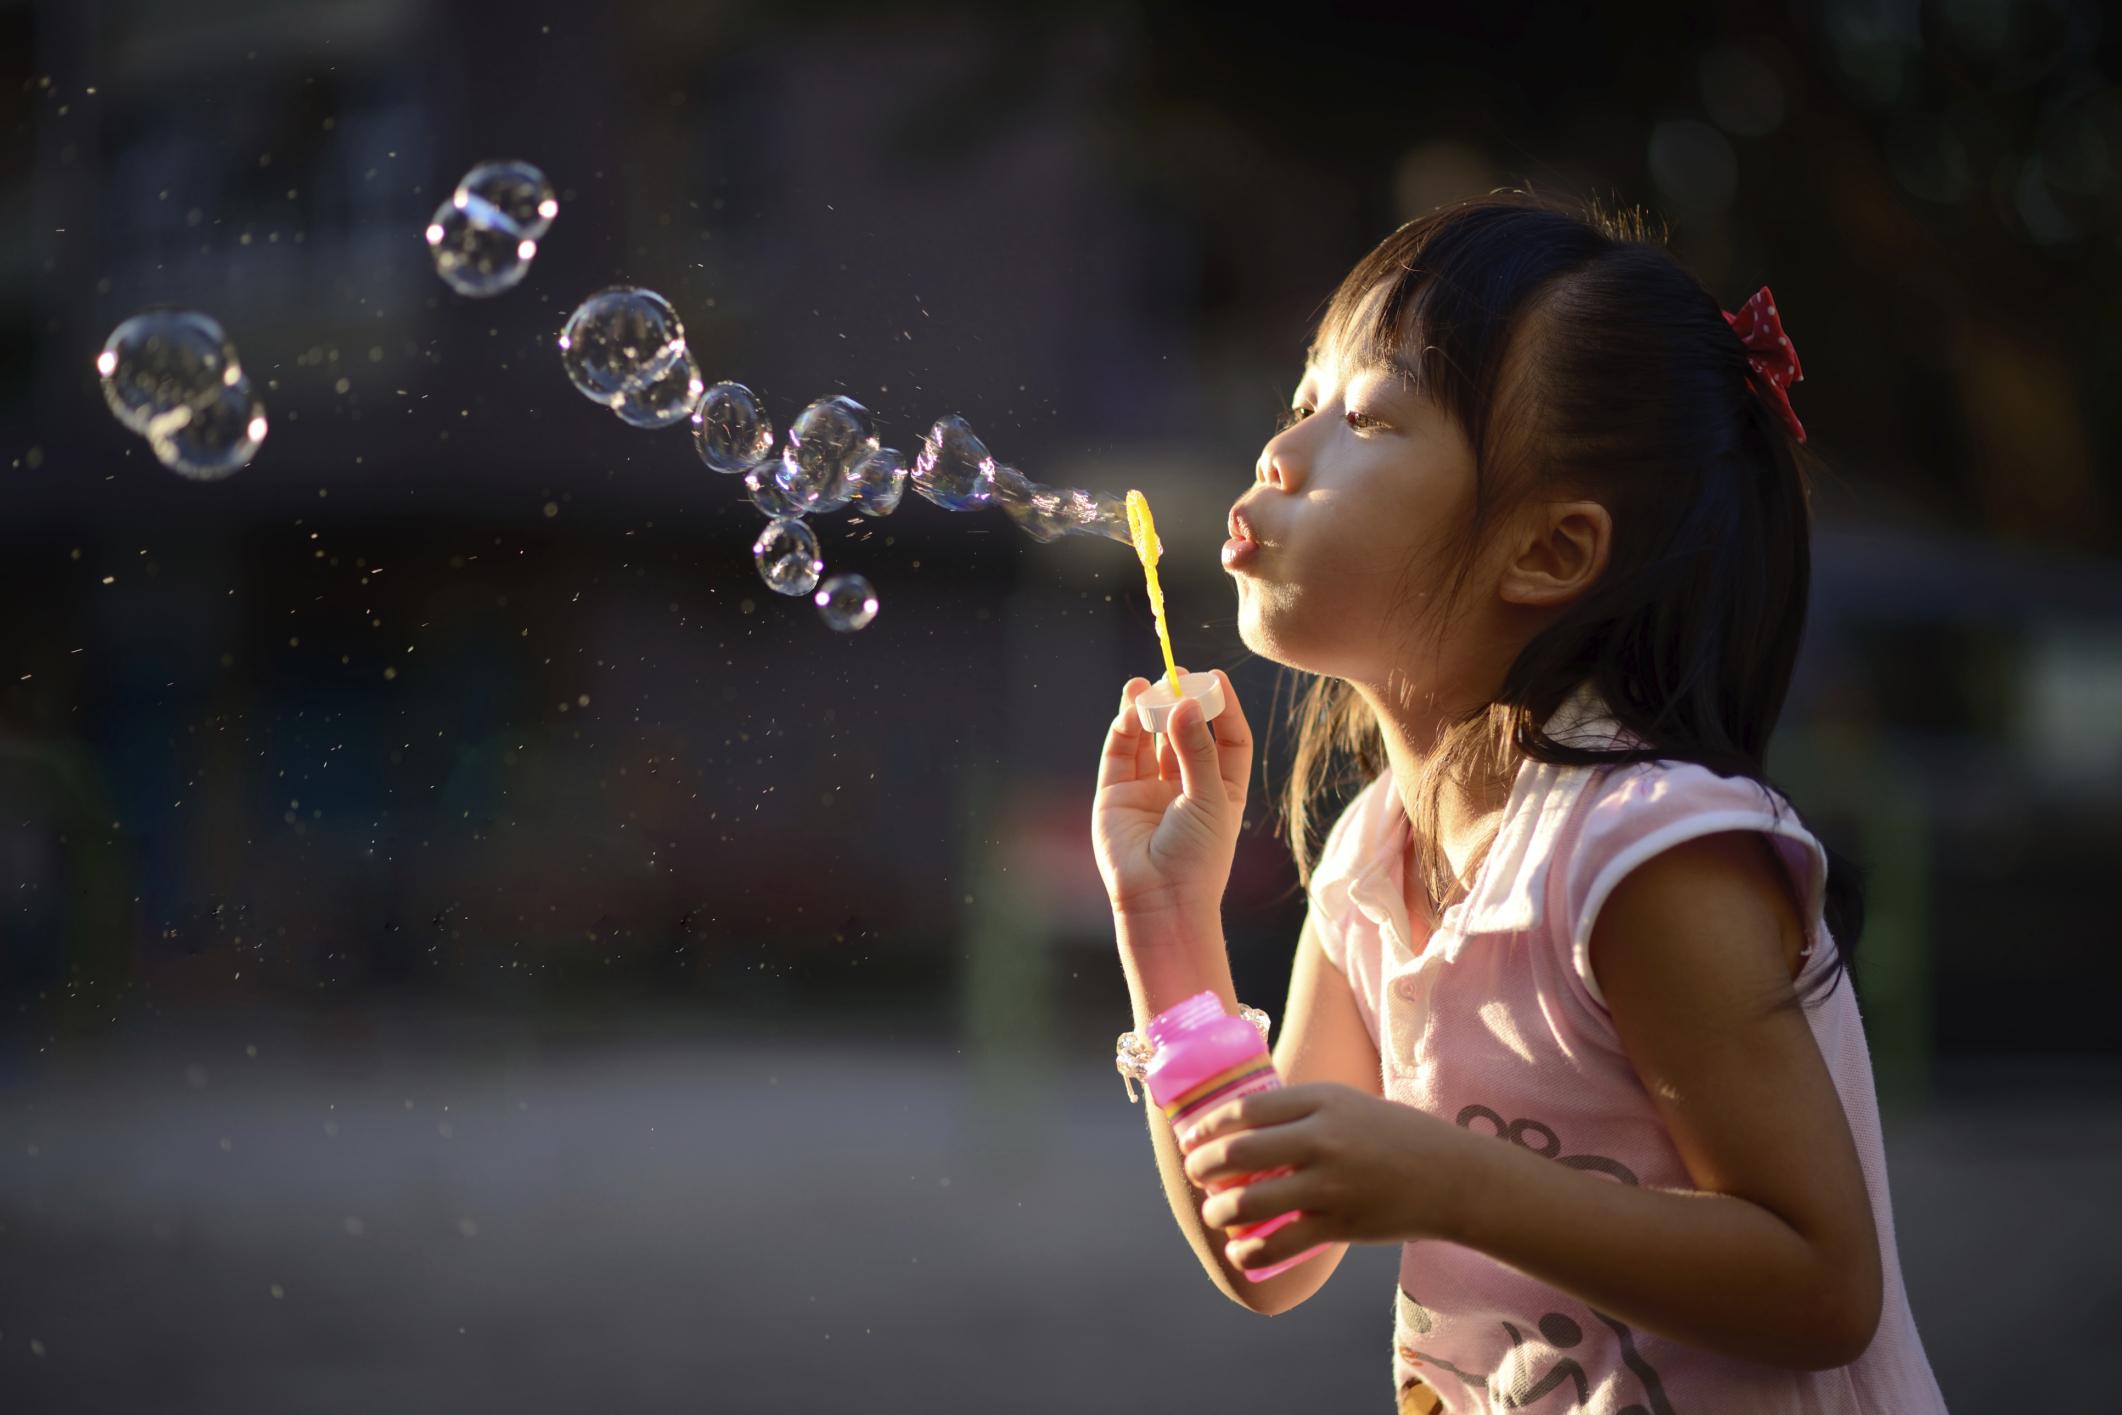 Надписью аллах, прикольные картинки с мыльными пузырями